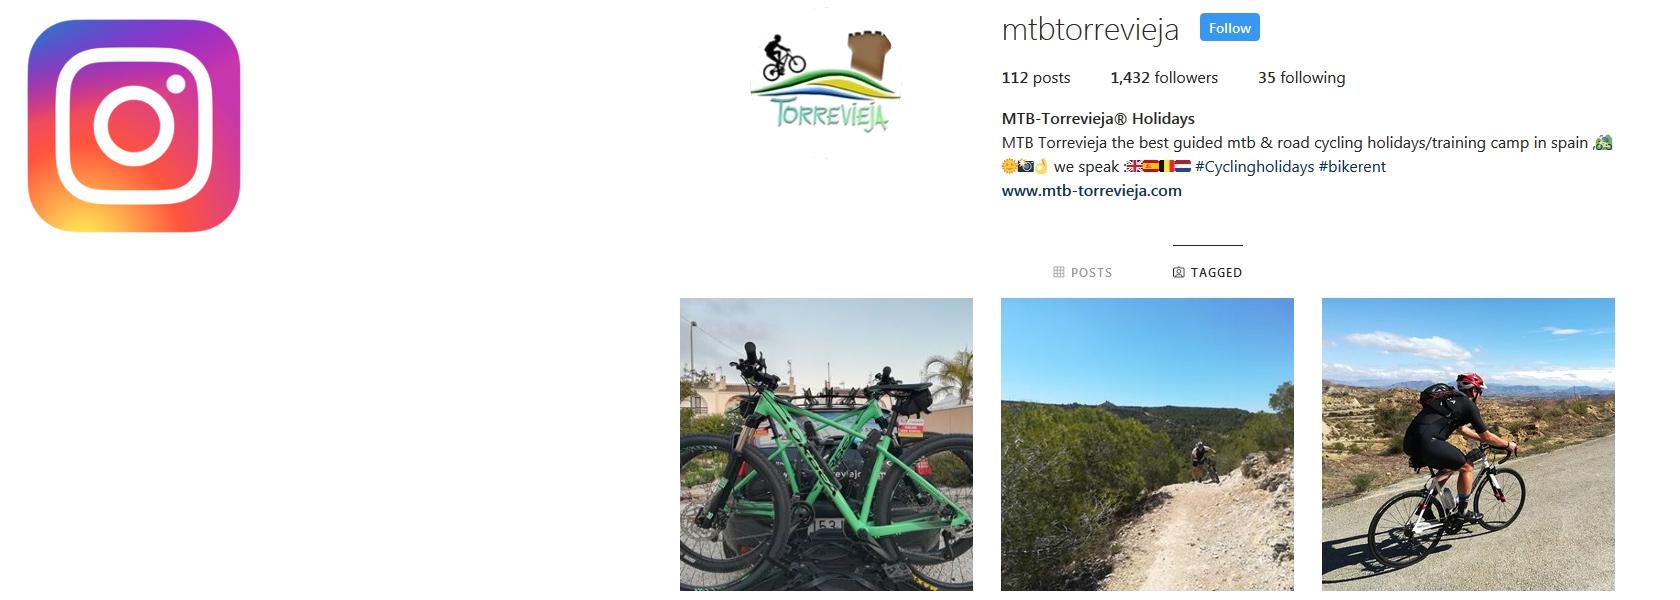 Bike hire in torrevieja , La Zenia , Villamartin , Orihuelacosta